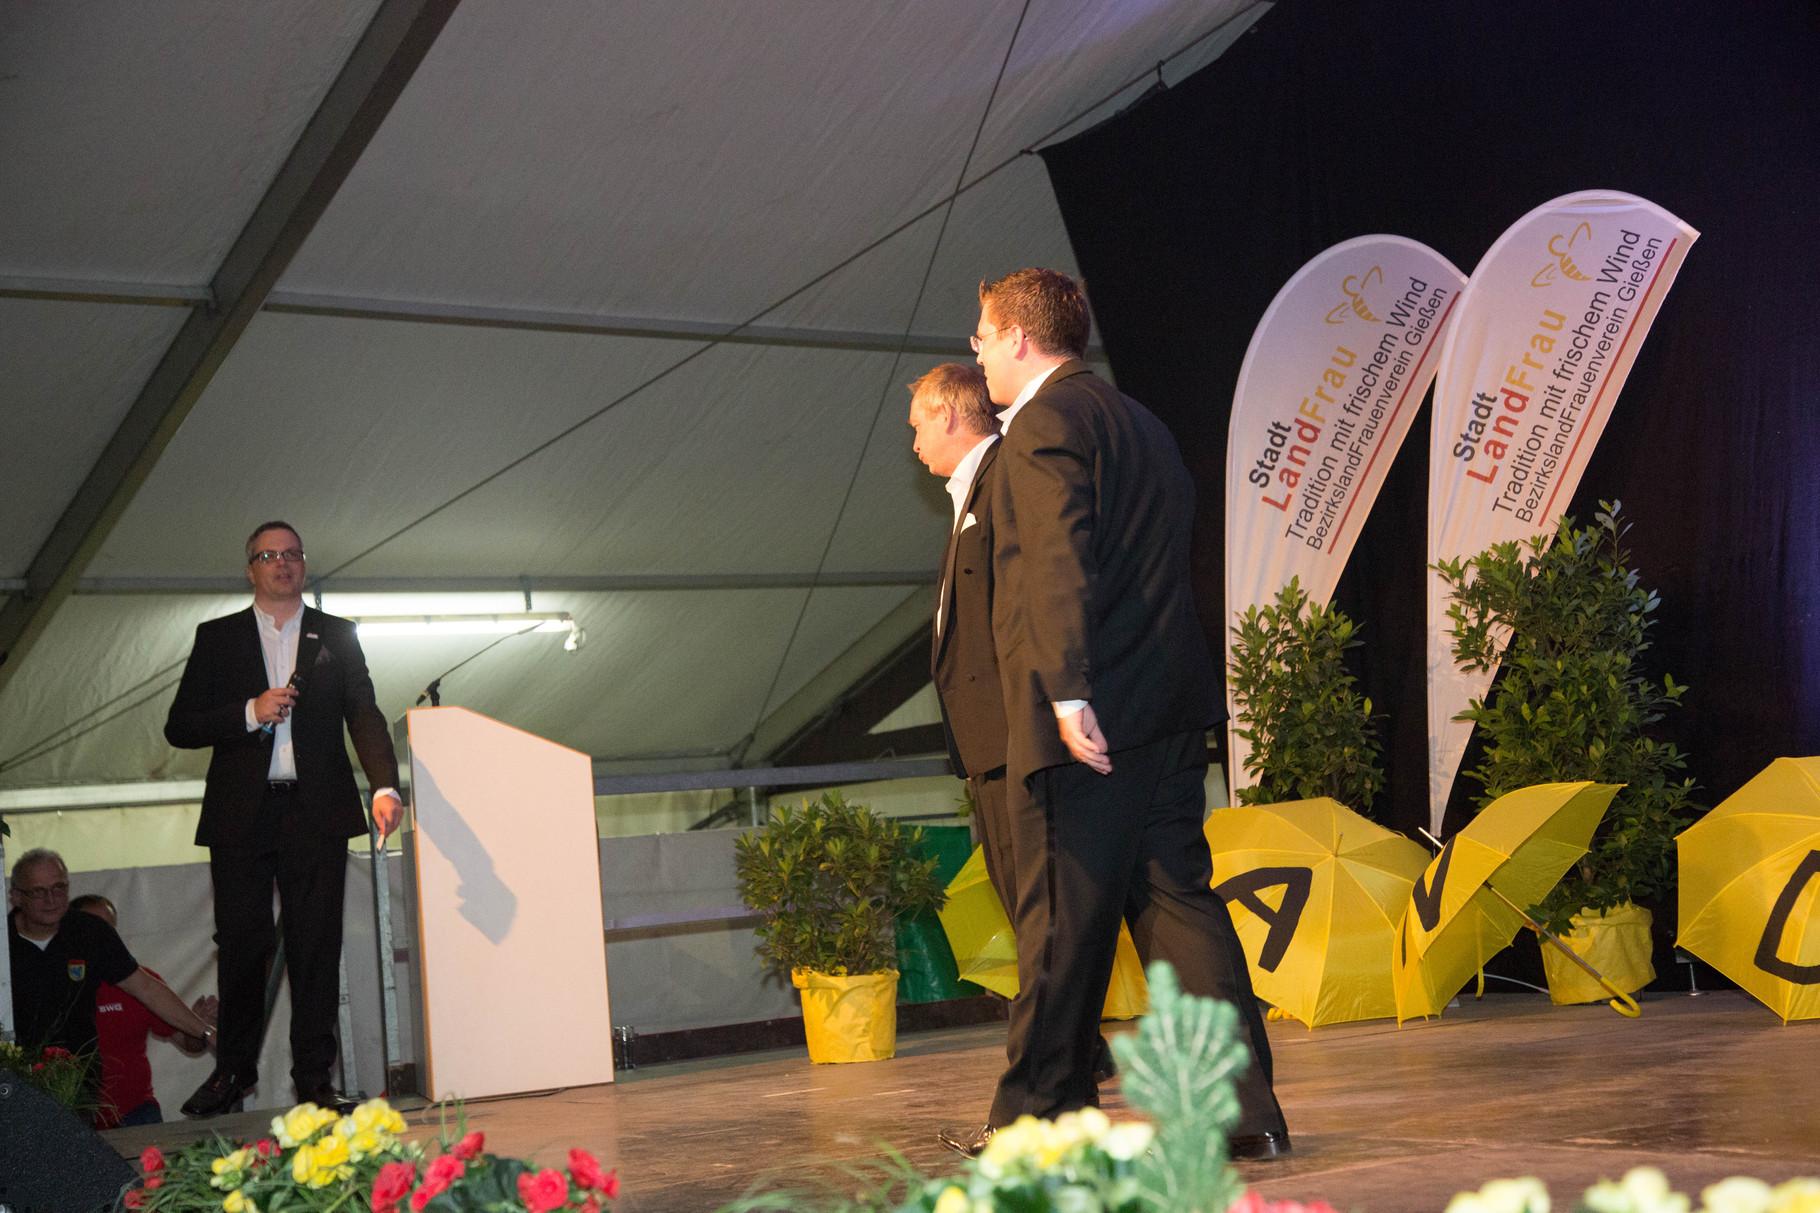 Johannes Scherer eröffnet mit Frank Füglein und Michael Hofmann